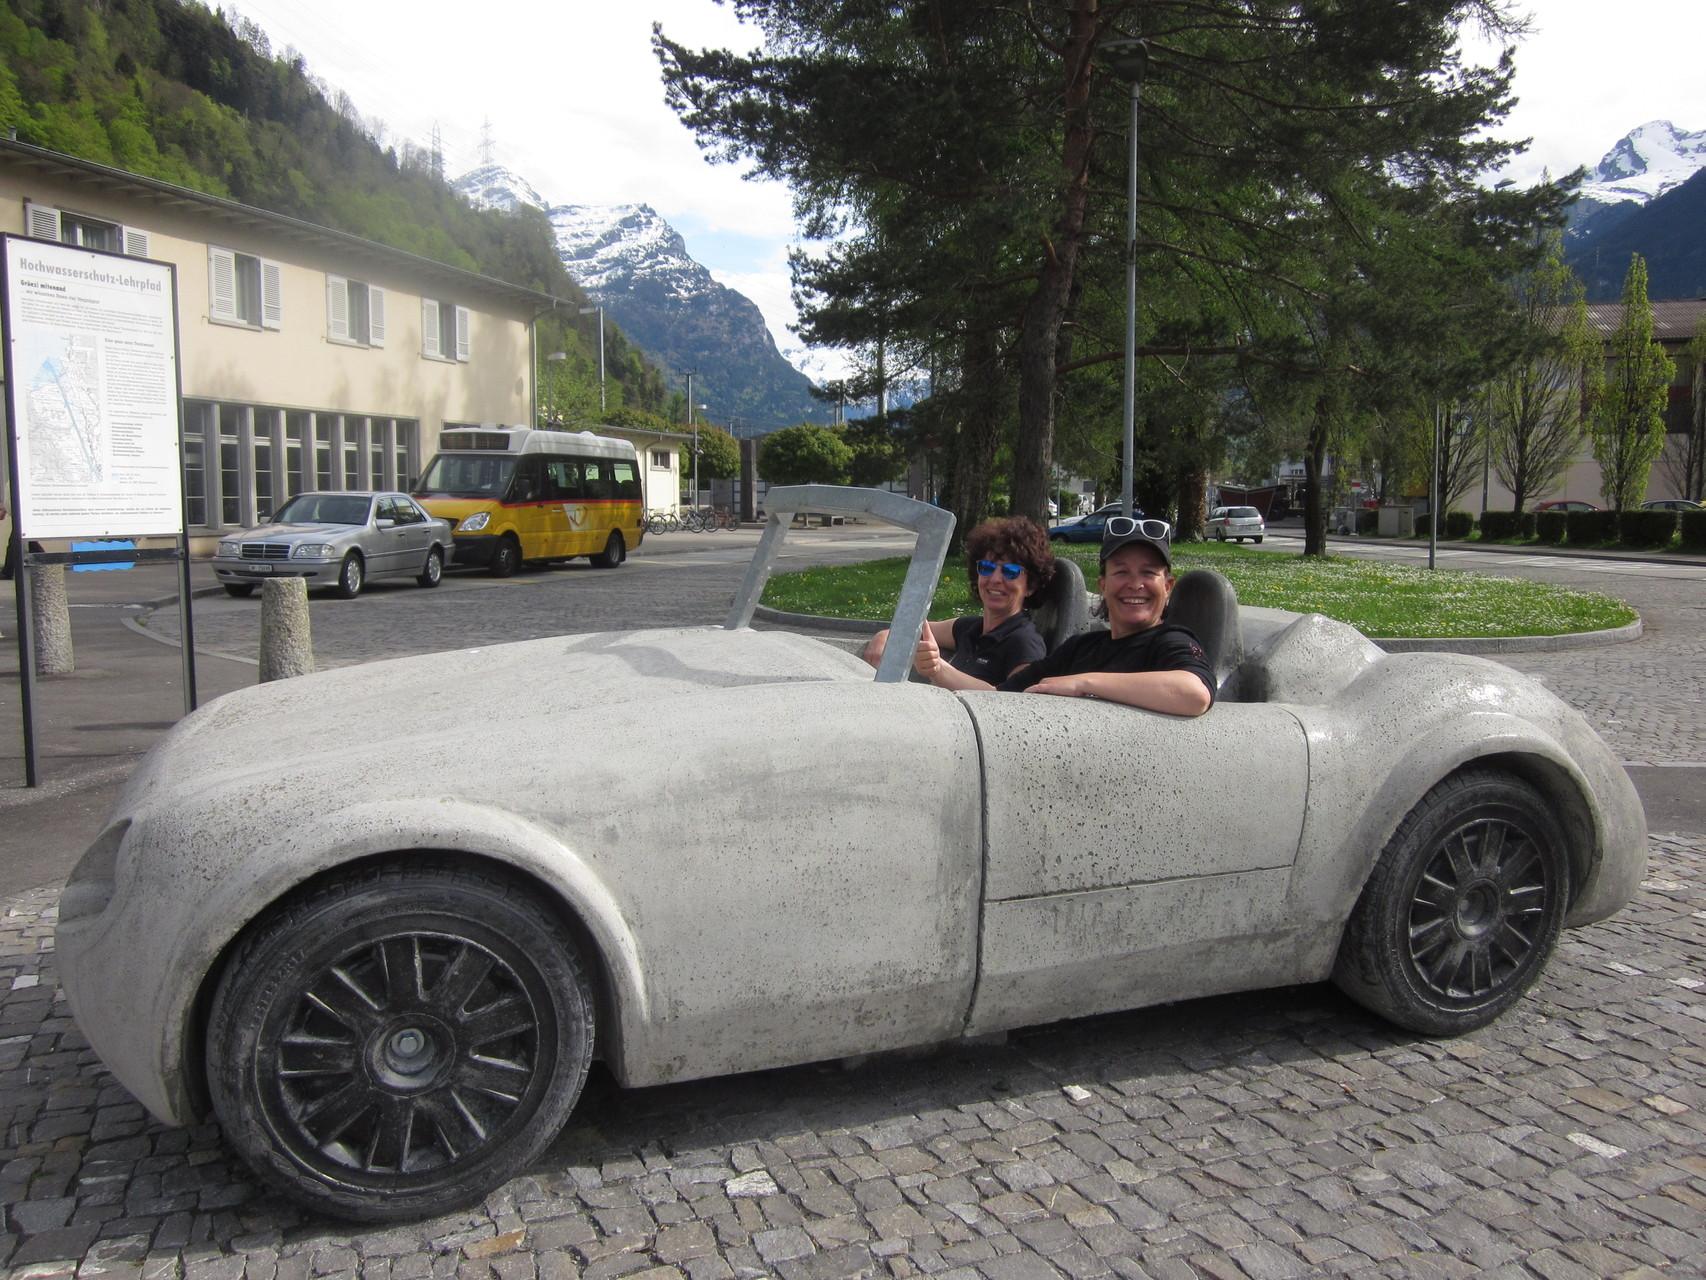 ob die beiden in St. Gallen angekommen sind?